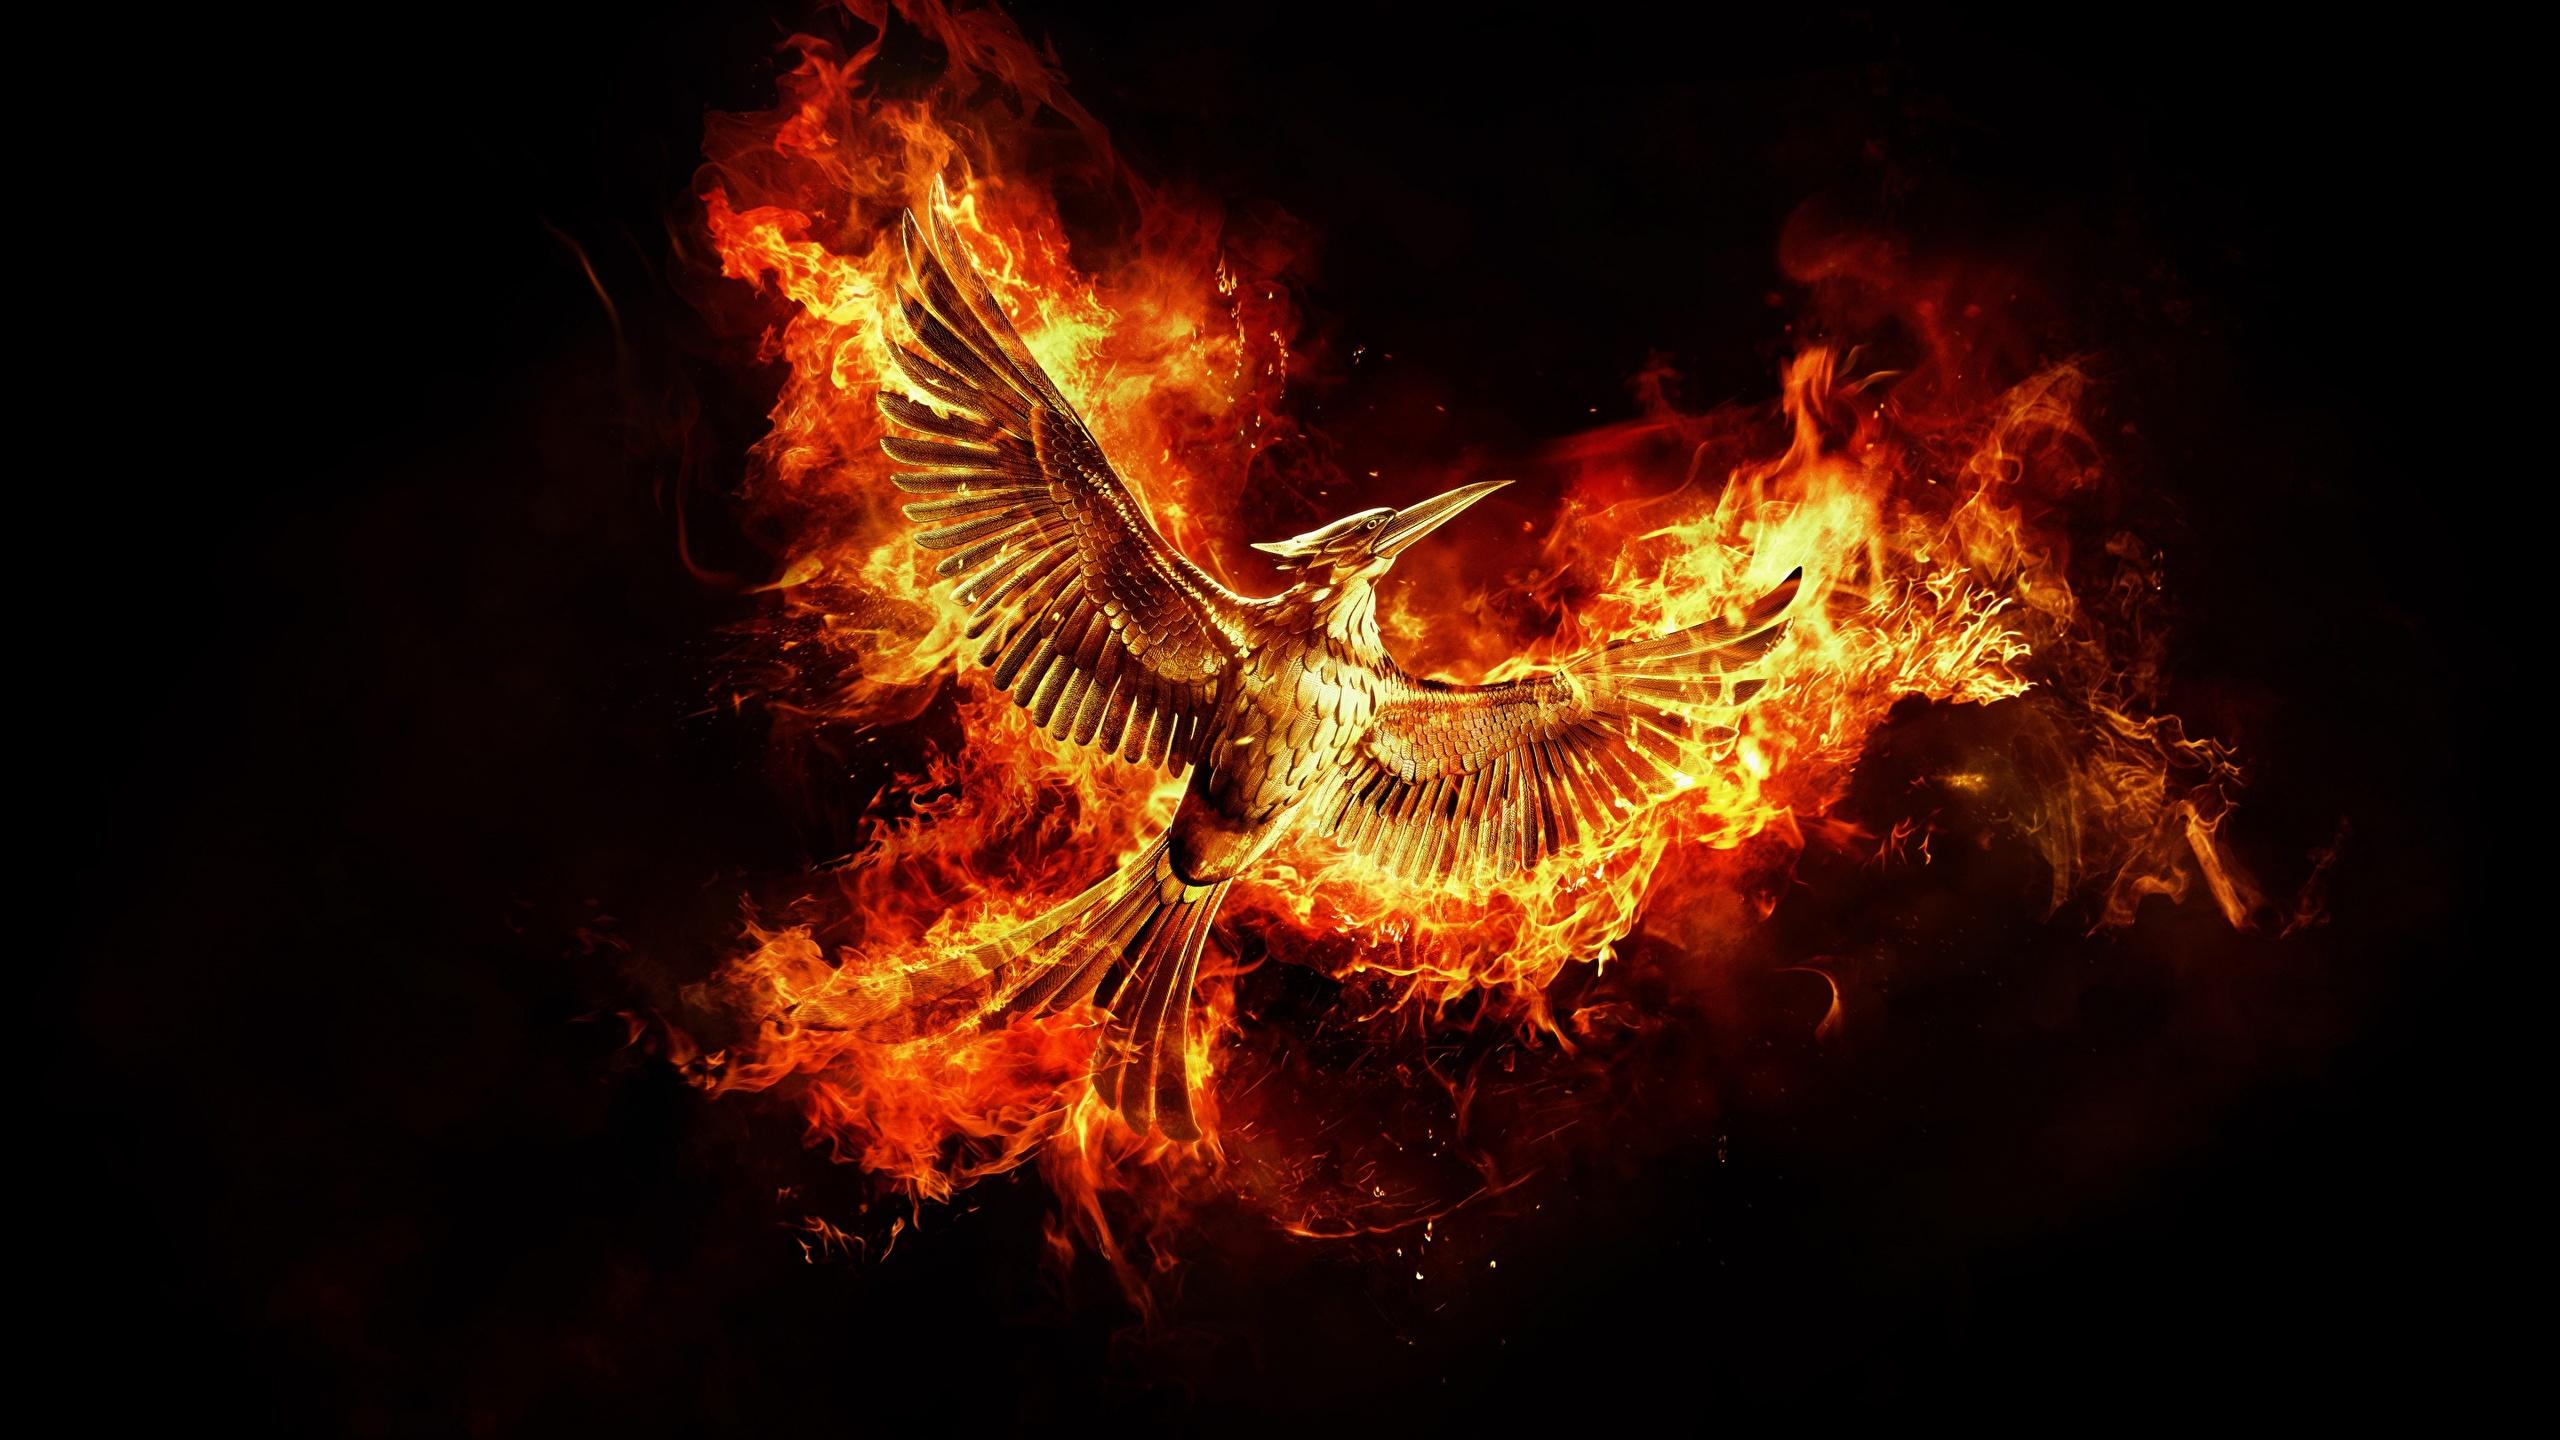 Картинки птица Феникс Фантастика Пламя Черный фон 2560x1440 Птицы Фэнтези Огонь на черном фоне